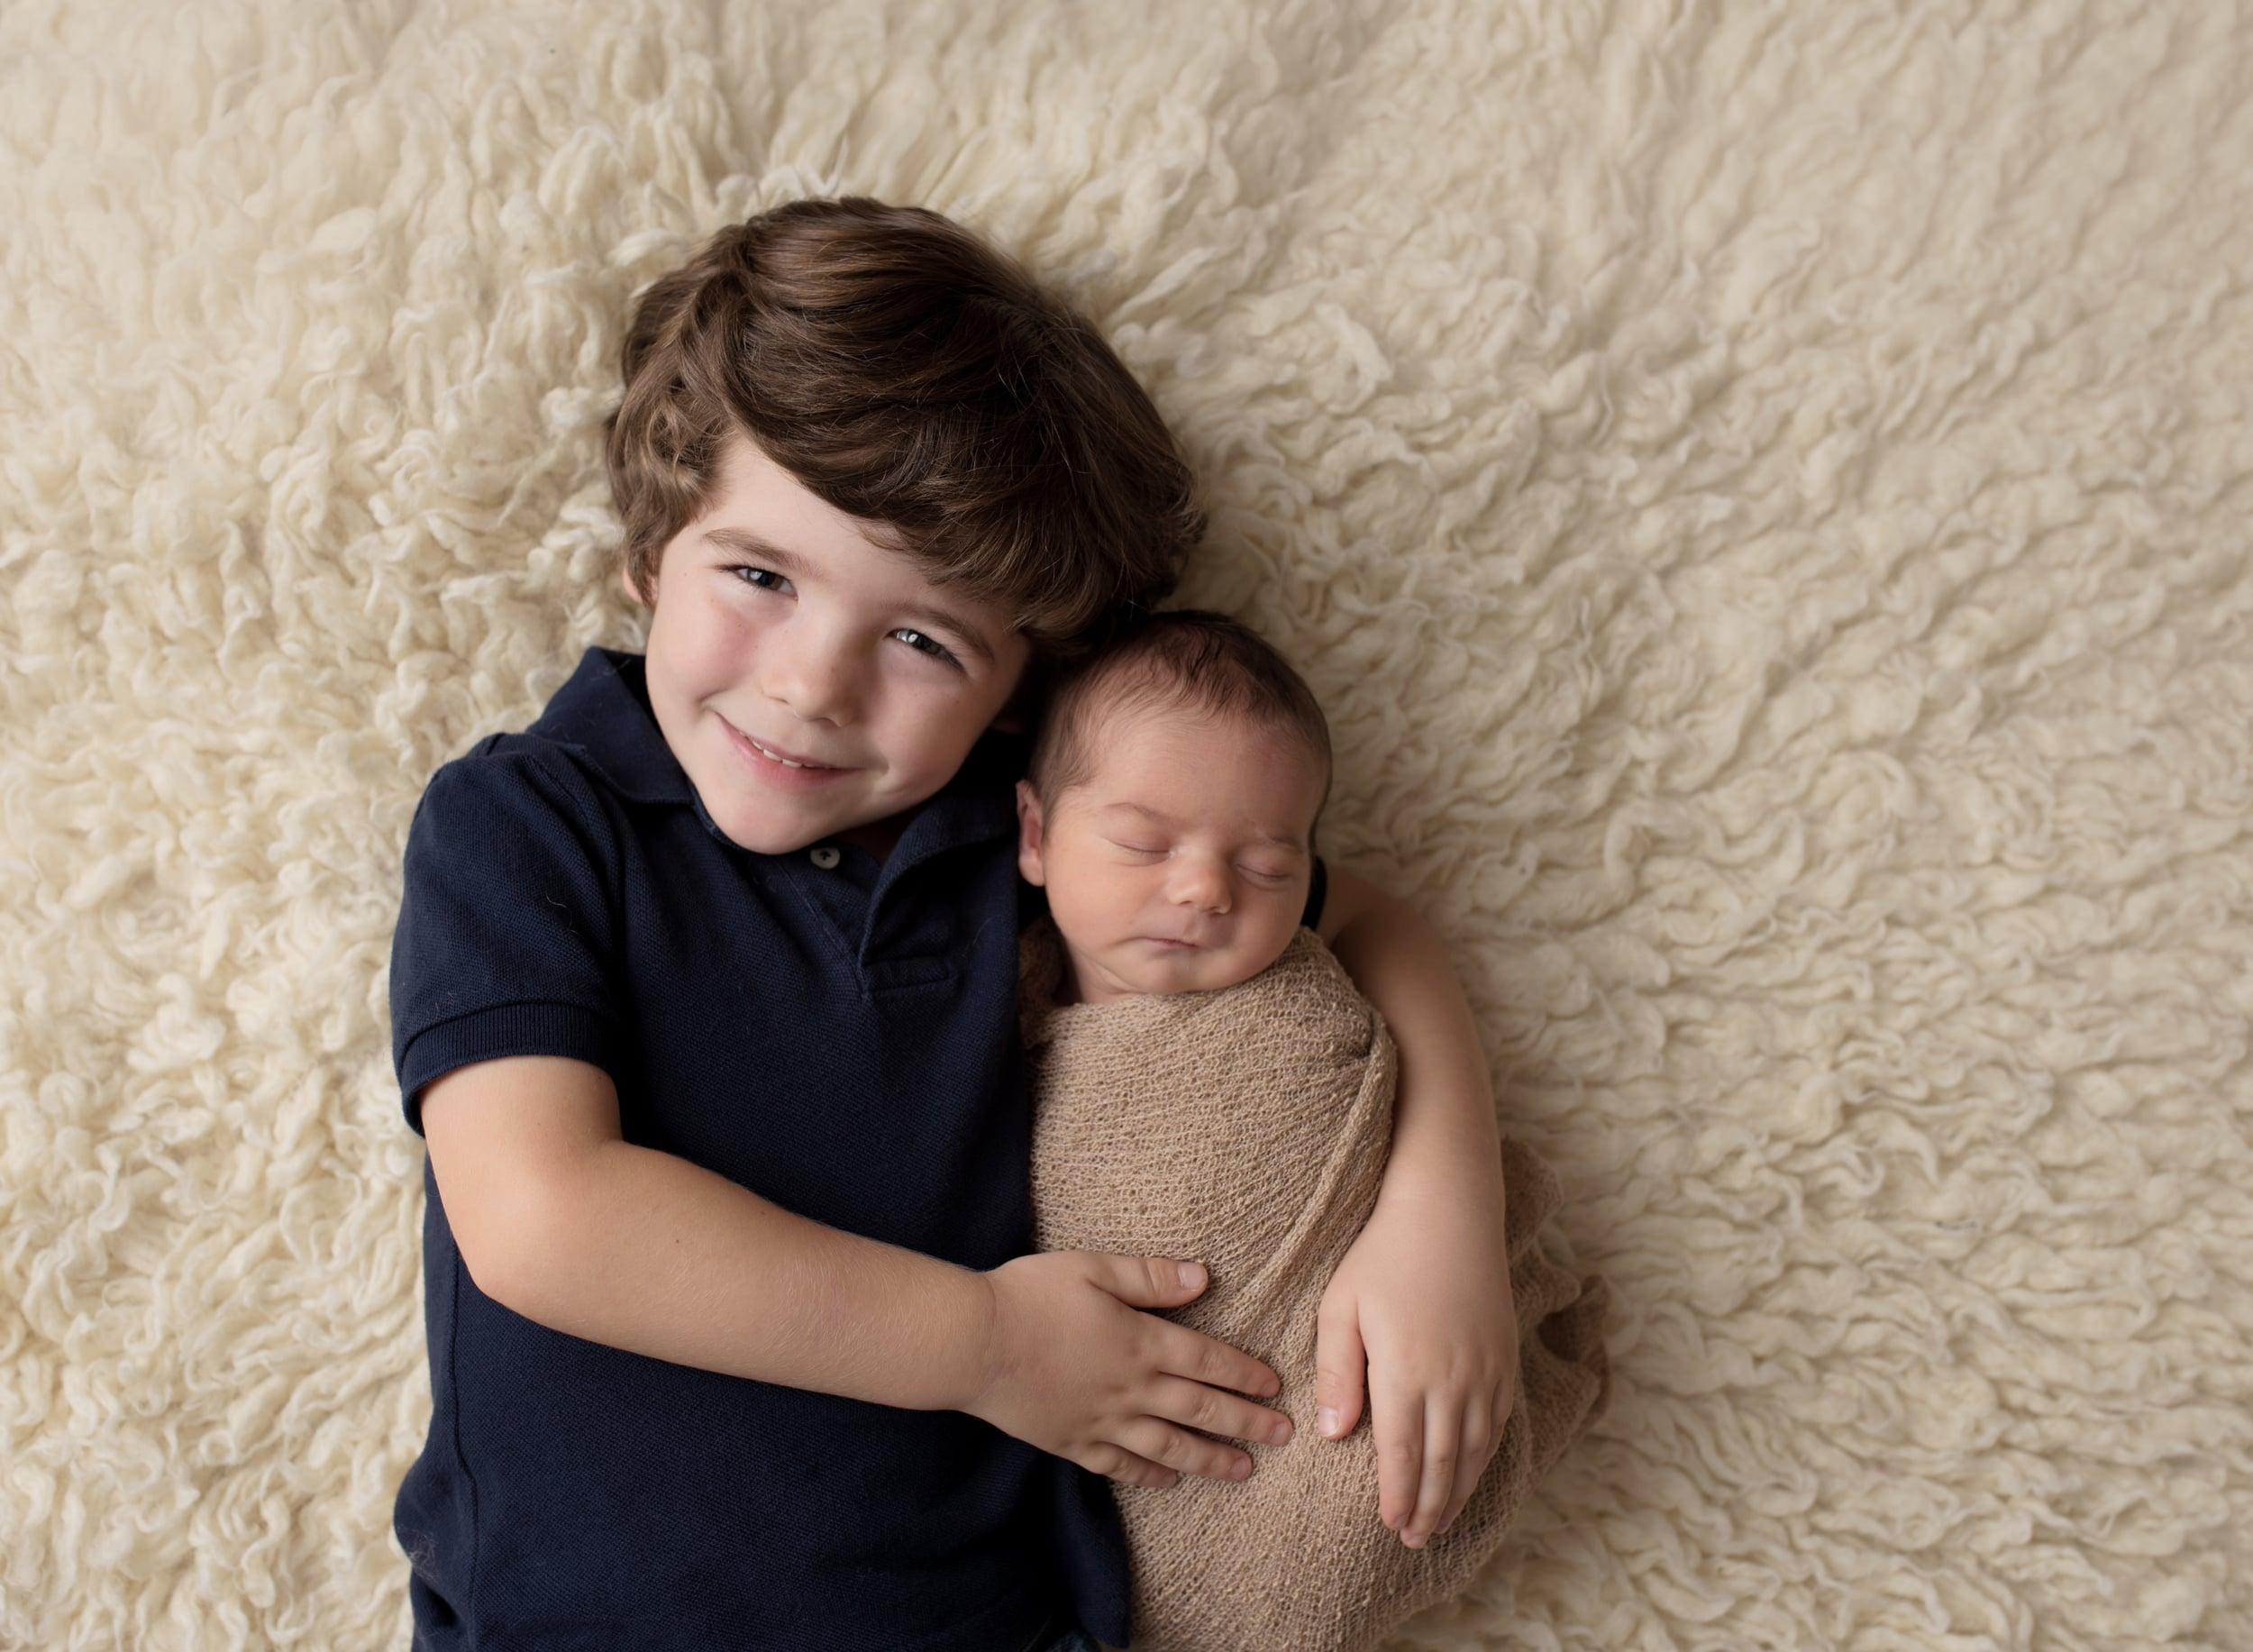 Titling/Alt Text/Description: 1. Jacksonville Newborn Photography 2. Newborn and sibling 3. Jacksonville Newborn Photographer 4. Baby 5. Saint Augustine